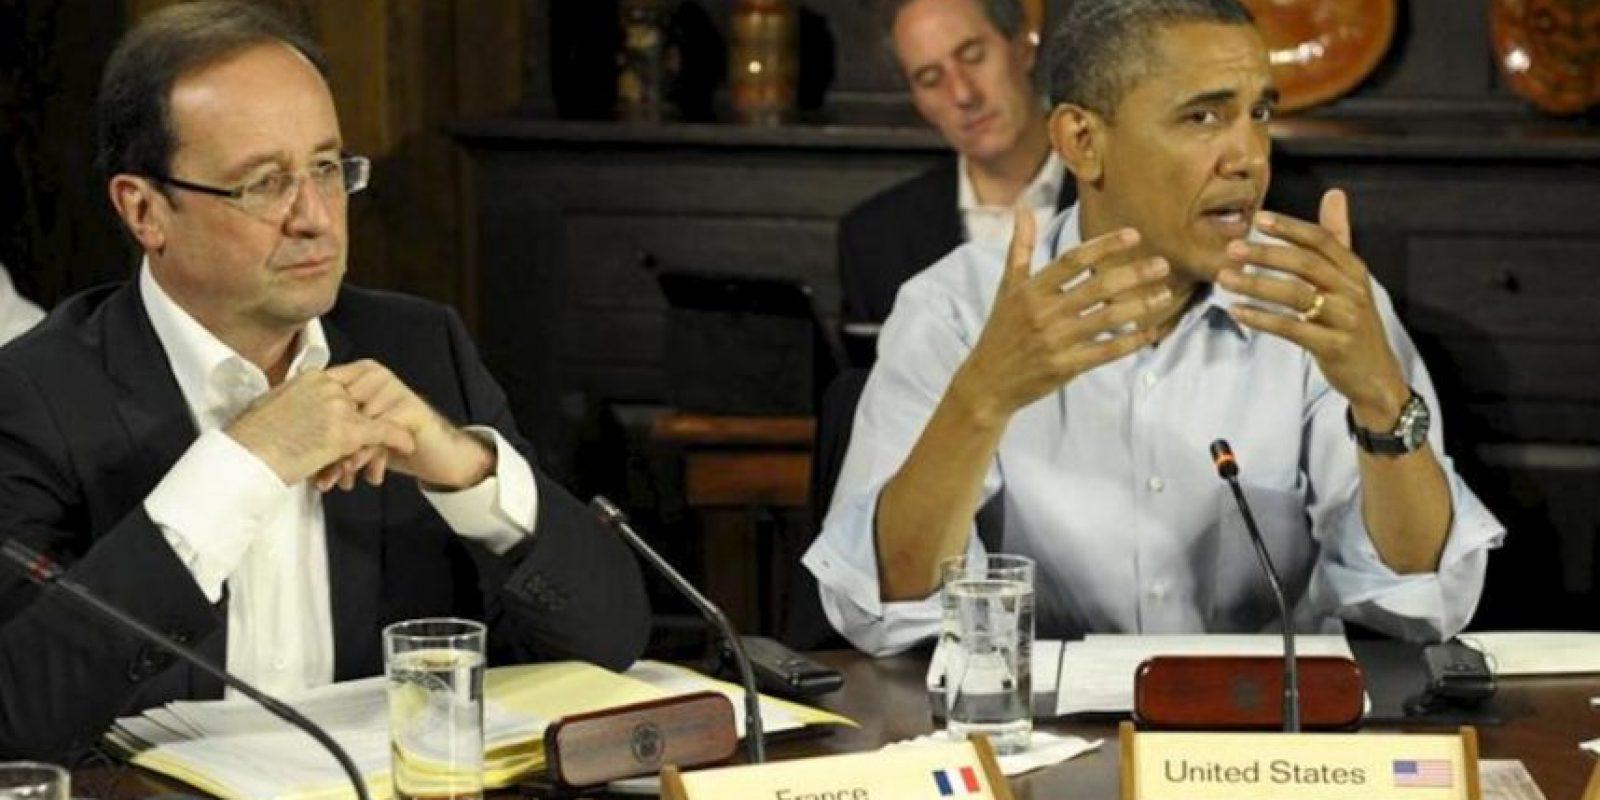 El presidente de Estados Unidos, Barack Obama (d) y el presidente francés, François Hollande (i) durante una primera sesión de trabajo de la Cumbre del G8 celebrada en Camp David (Estados Unidos). EFE